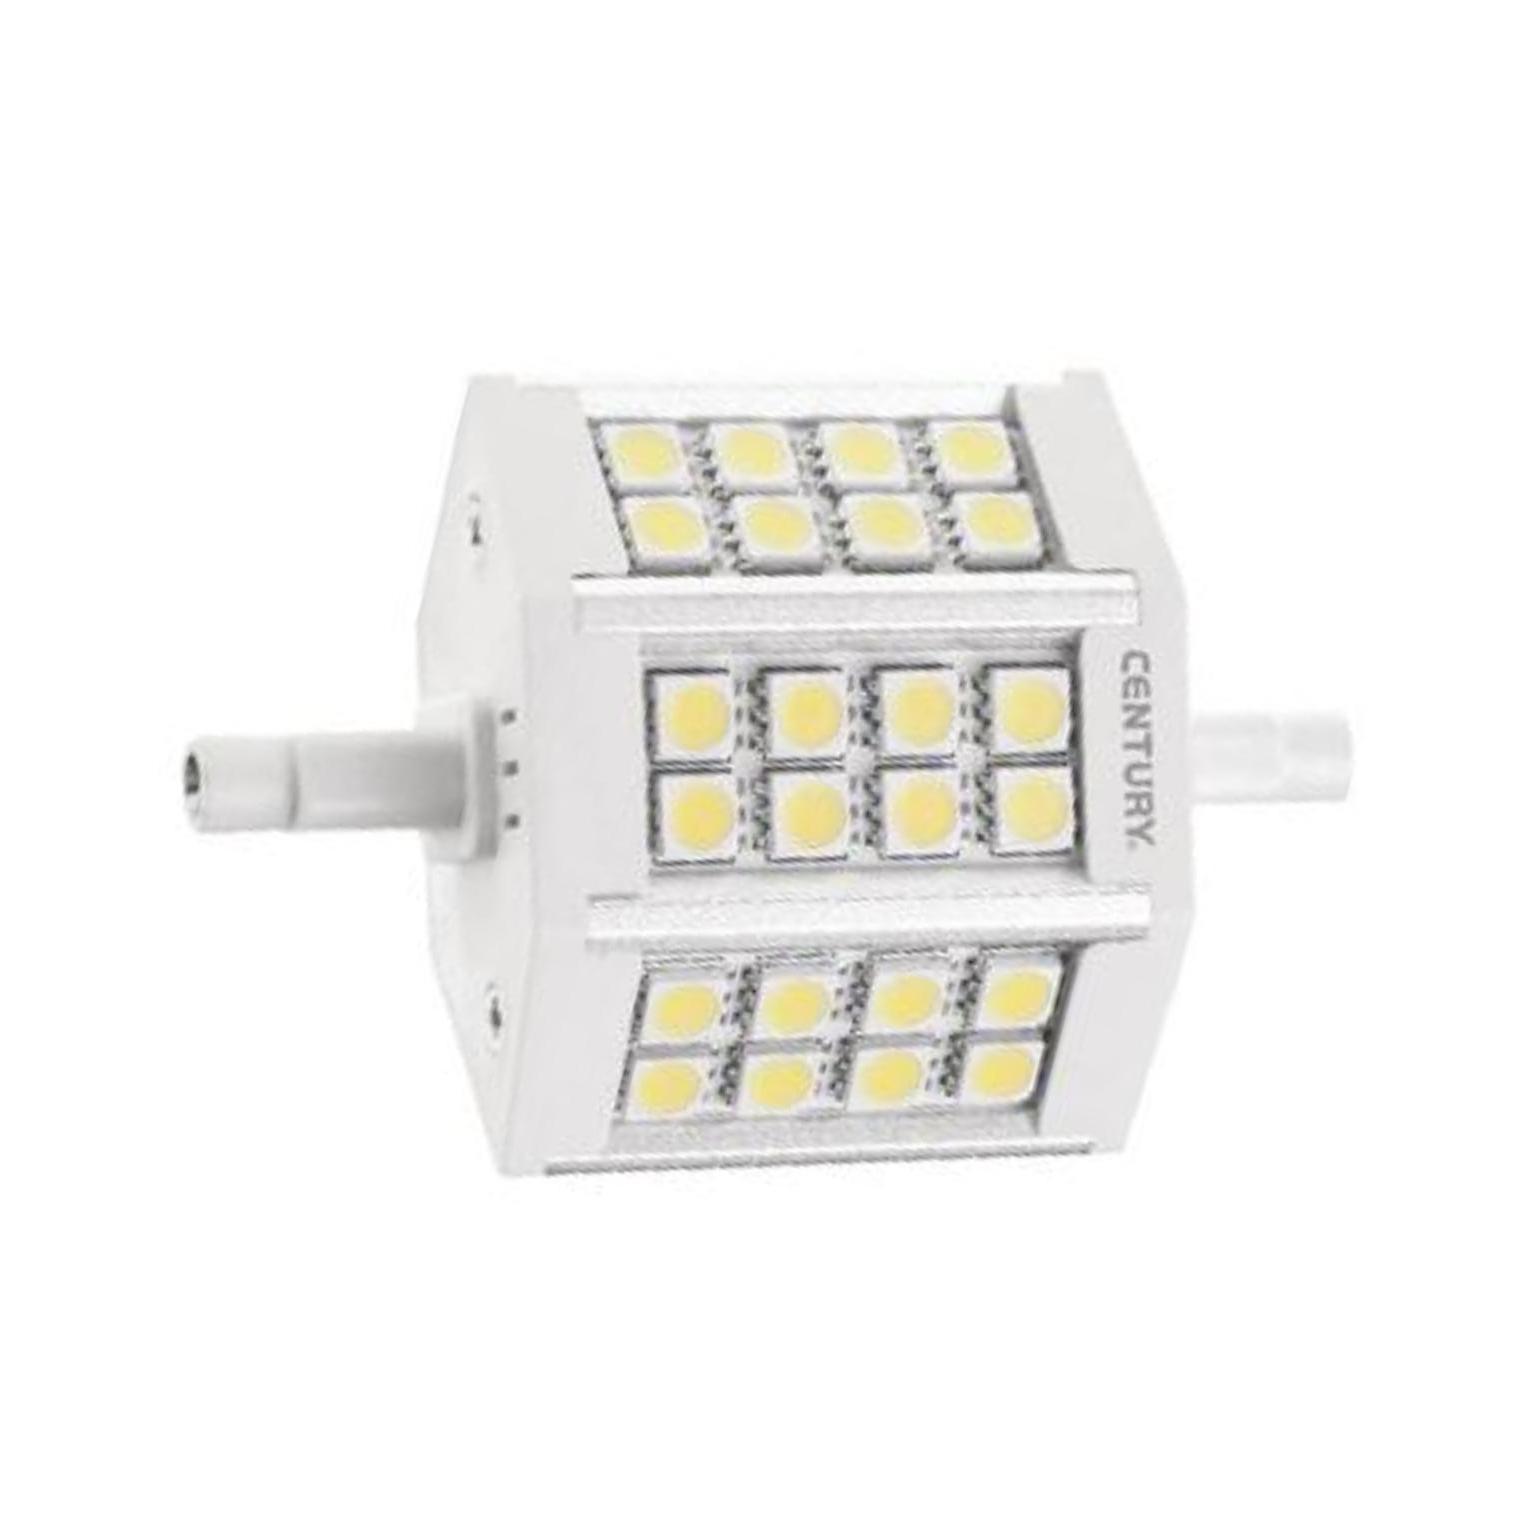 Image of Exa flat LED 78 mm - 5W - R7S - Century